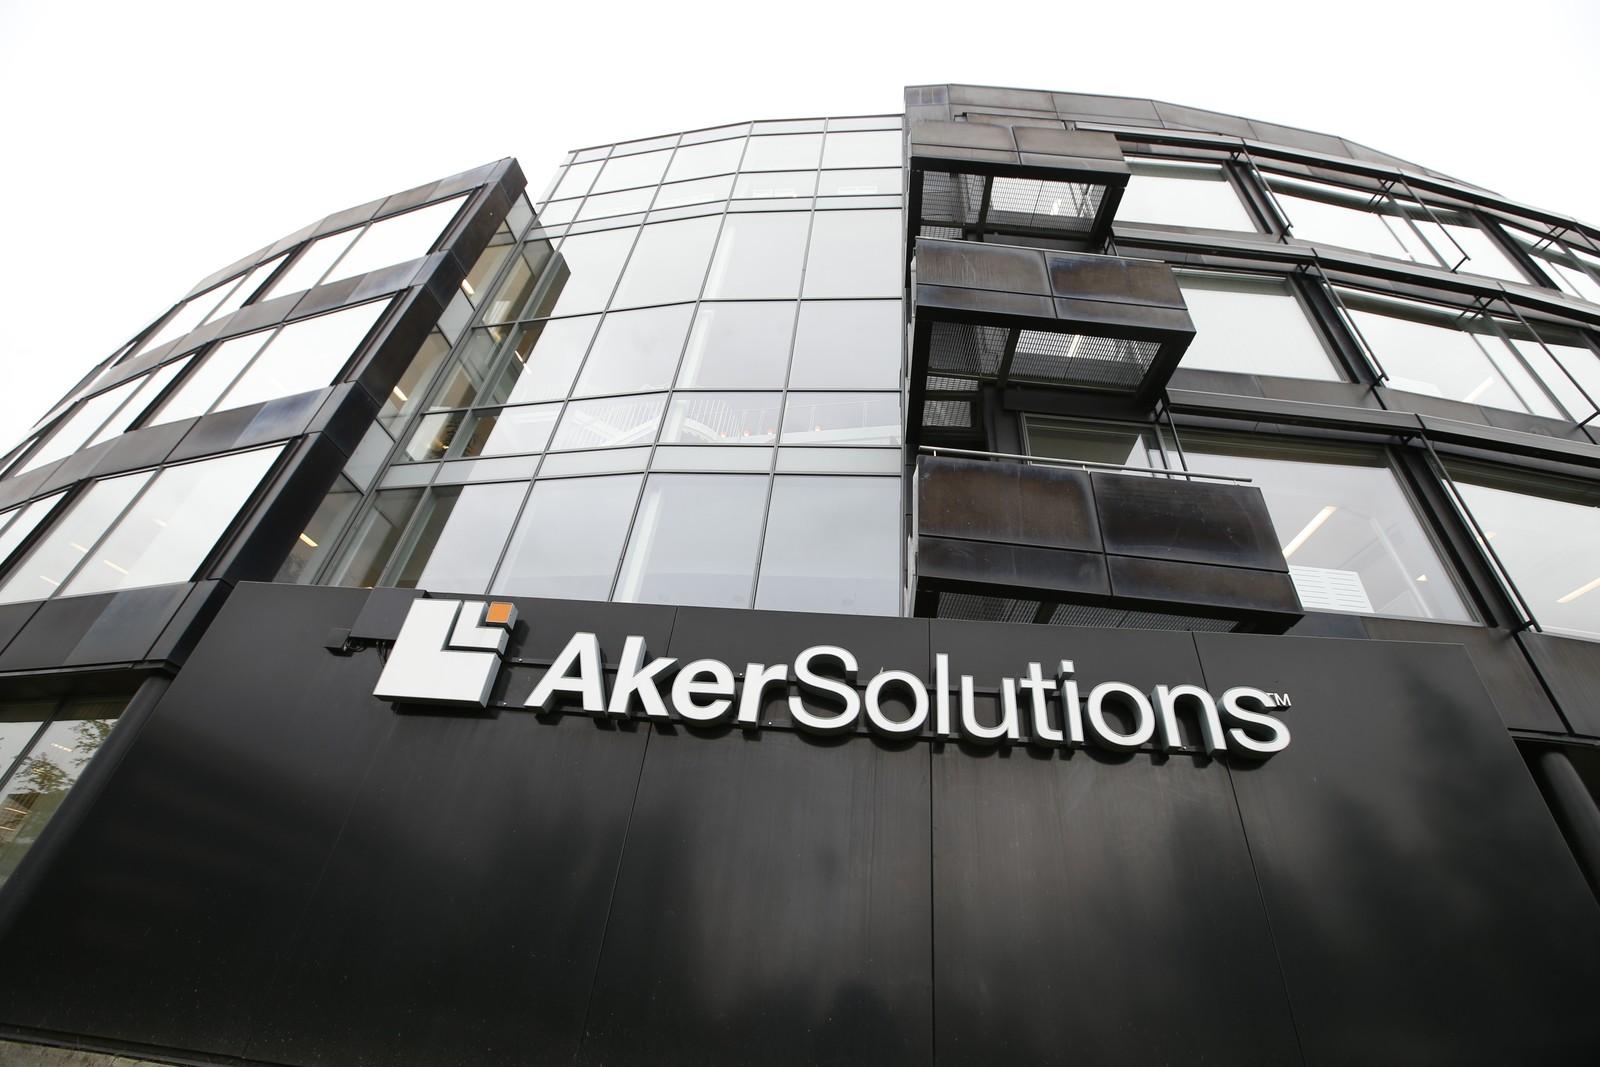 Leiekontrakten til Aker Solutions i Snarøyveien fortsetter etter at de har flyttet ut, med et redusert areal fram til 31. oktober 2019. Hva som skjer med lokalet er foreløpig ikke klart. Aker Solutions er i dialog med søsterselskapet Akastor som de leier av om hva som skal skje videre med de 650 kontorplassene.